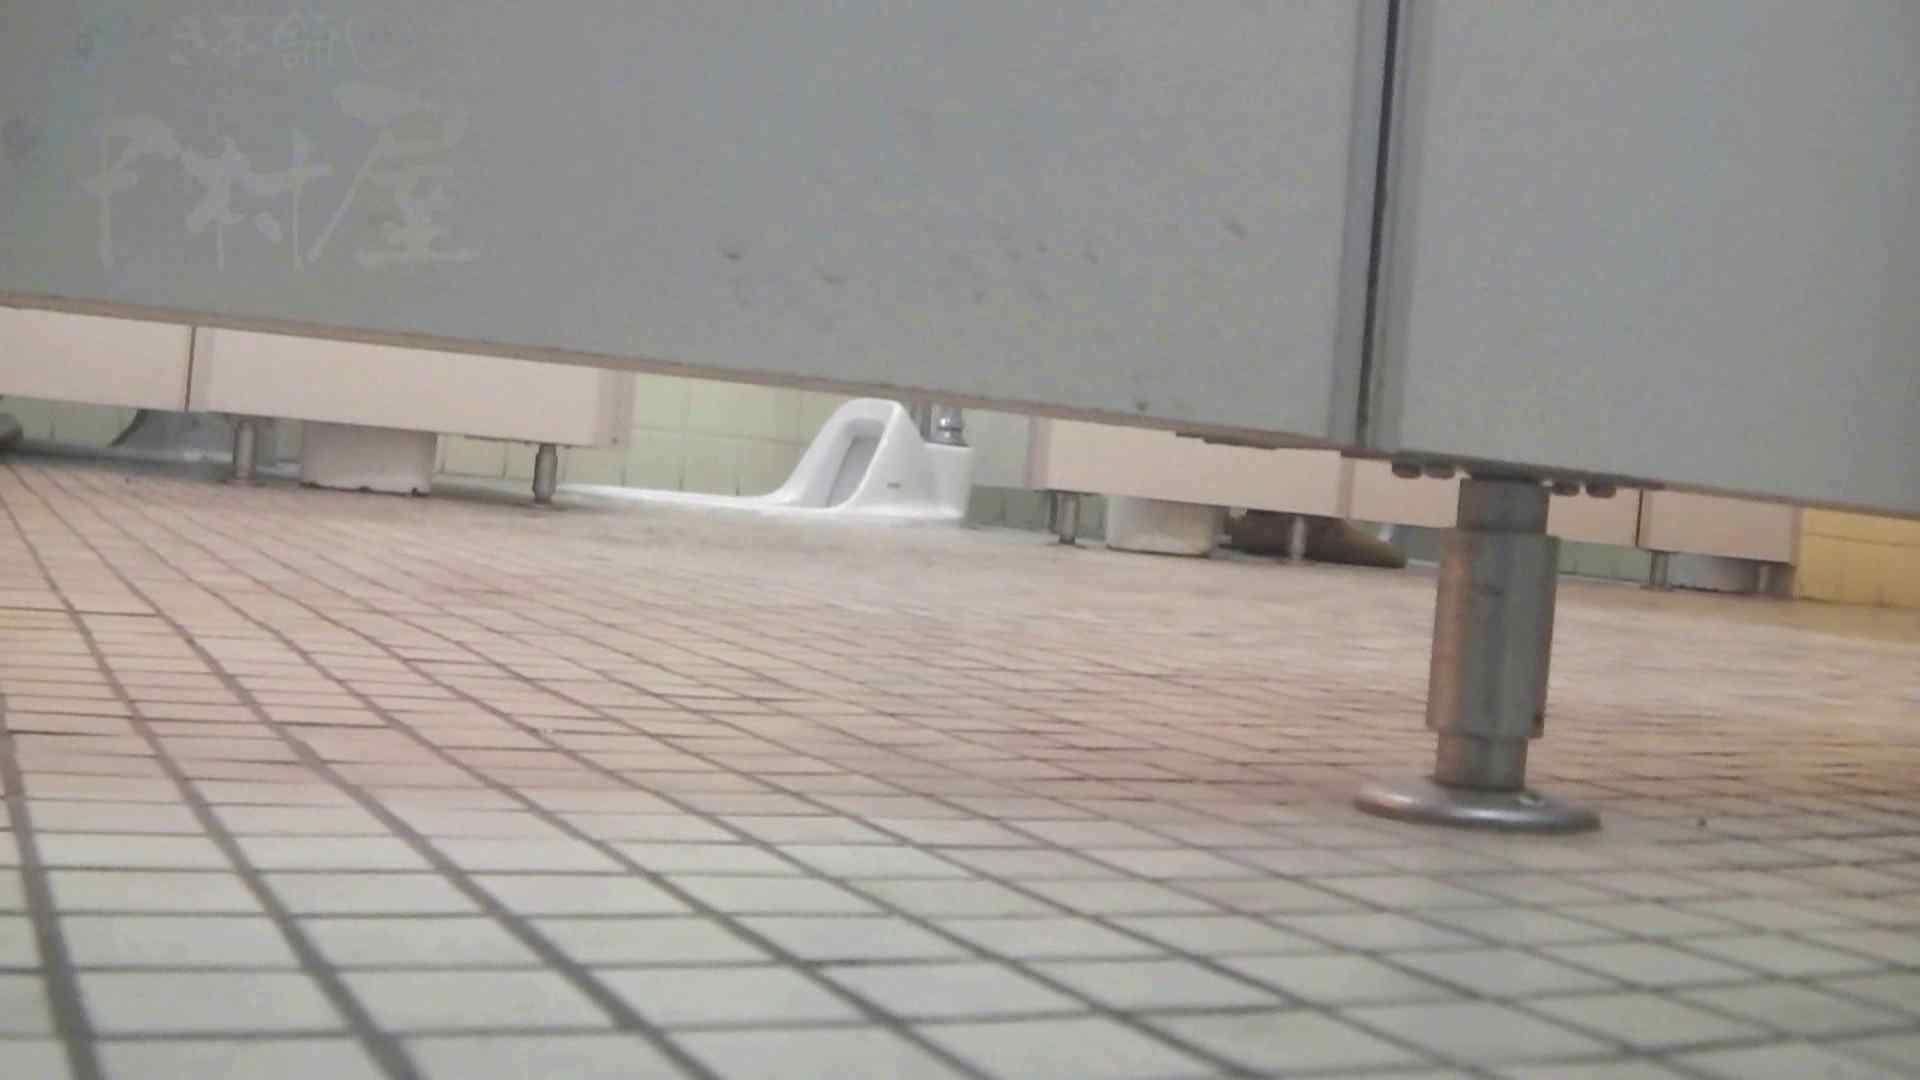 巨乳 乳首:第三体育館潜入撮File008 瞬間移動、隙間からじっとピチピチを覗く:のぞき本舗 中村屋